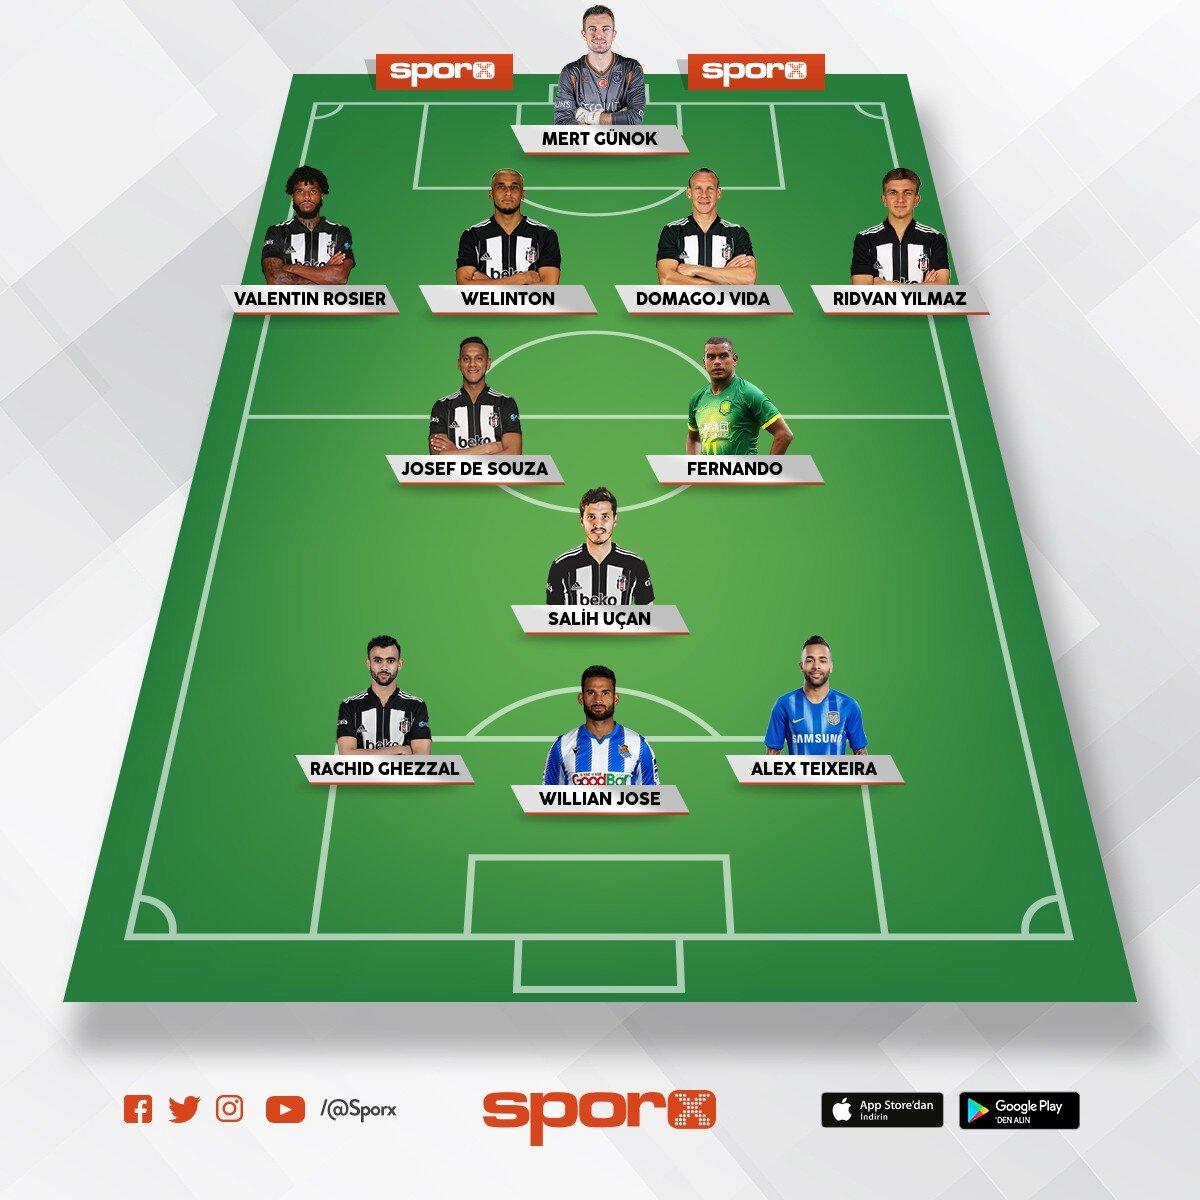 21-22 sezonu ŞAMPİYON KADROSU YAKINDA..